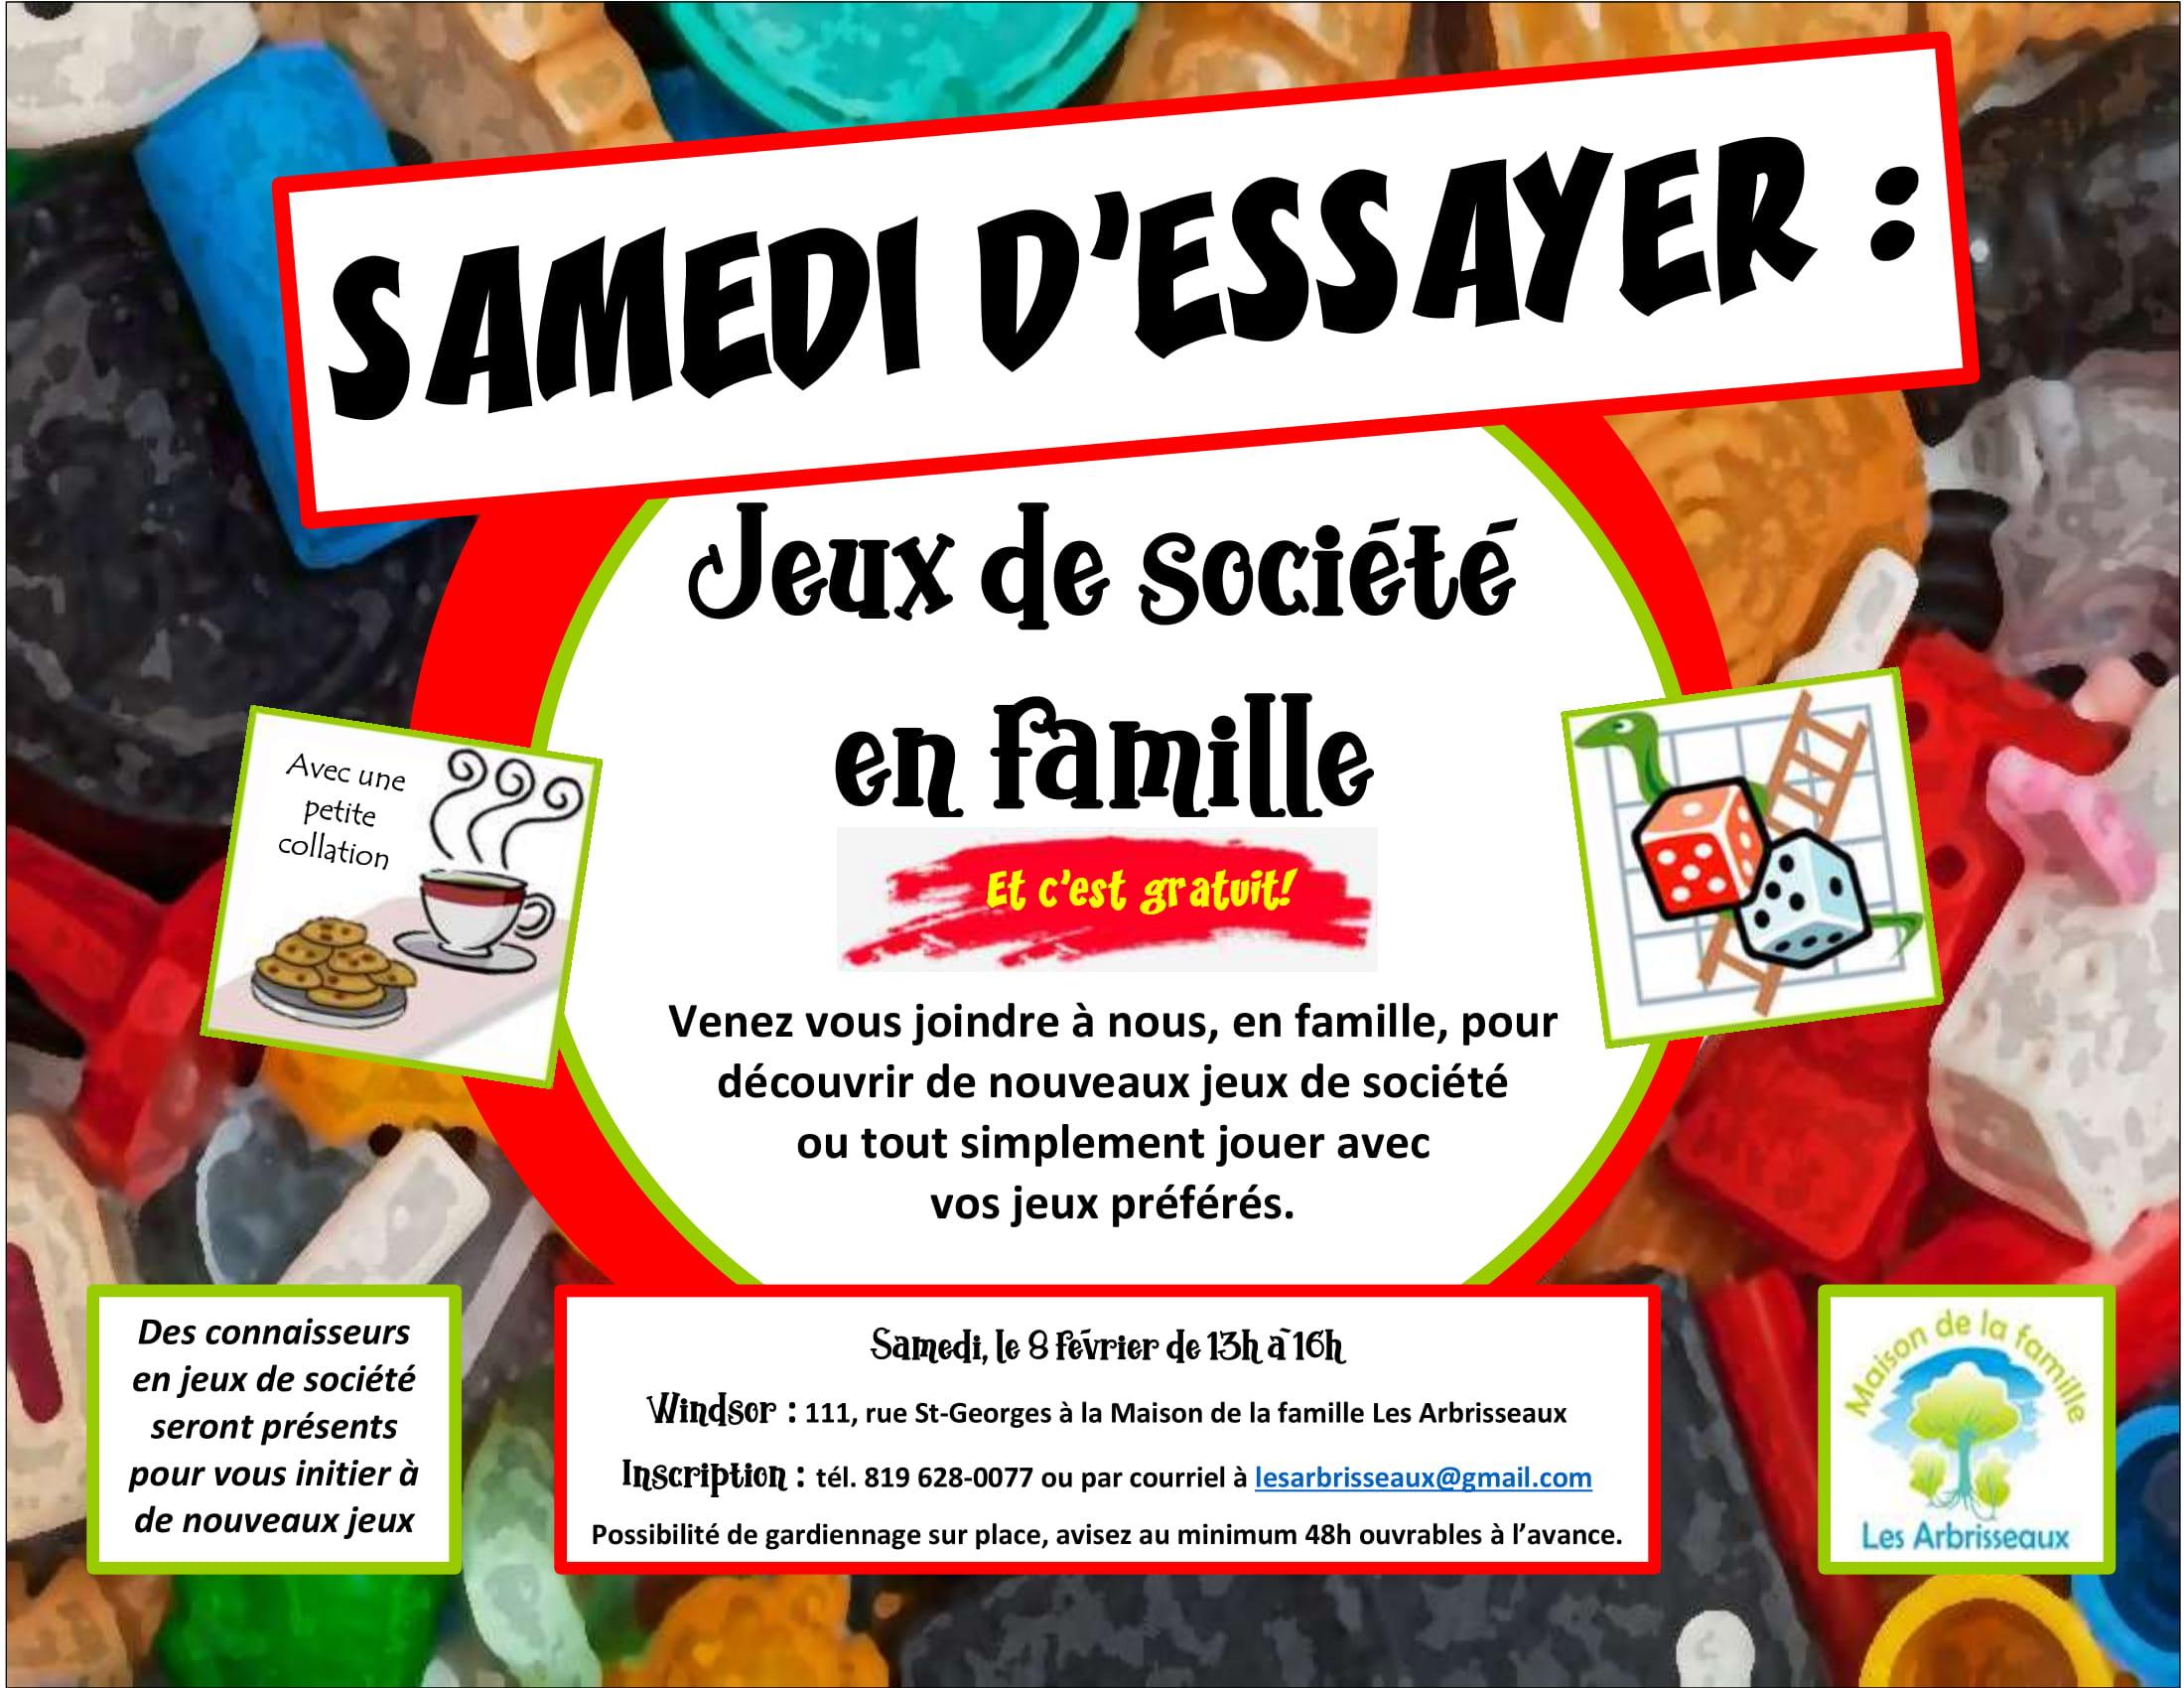 Samedi D'essayer : Jeux De Société En Famille - Maison De La pour Jeux Gratuit 4 Ans